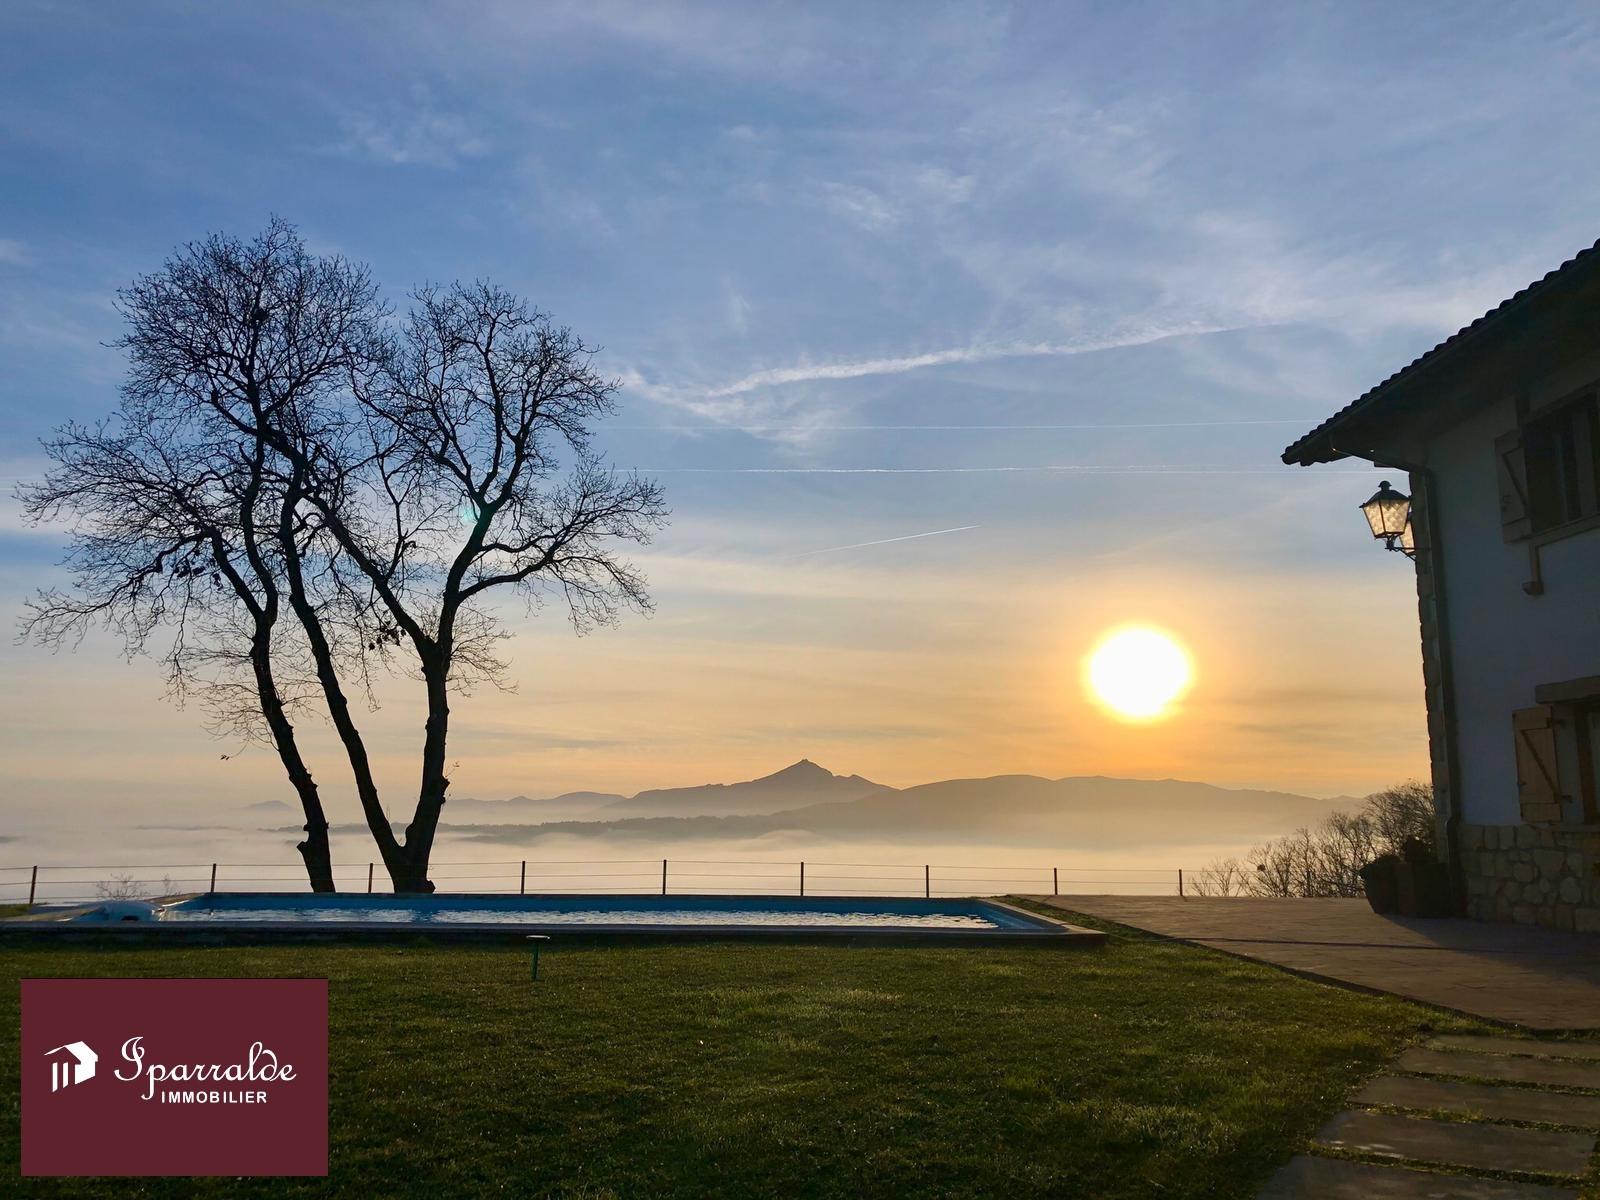 Fontarrabie: Maison T5 mitoyenne de 253,89m2 sur 7.000 m2 de terrain, avec des vues imprenables.